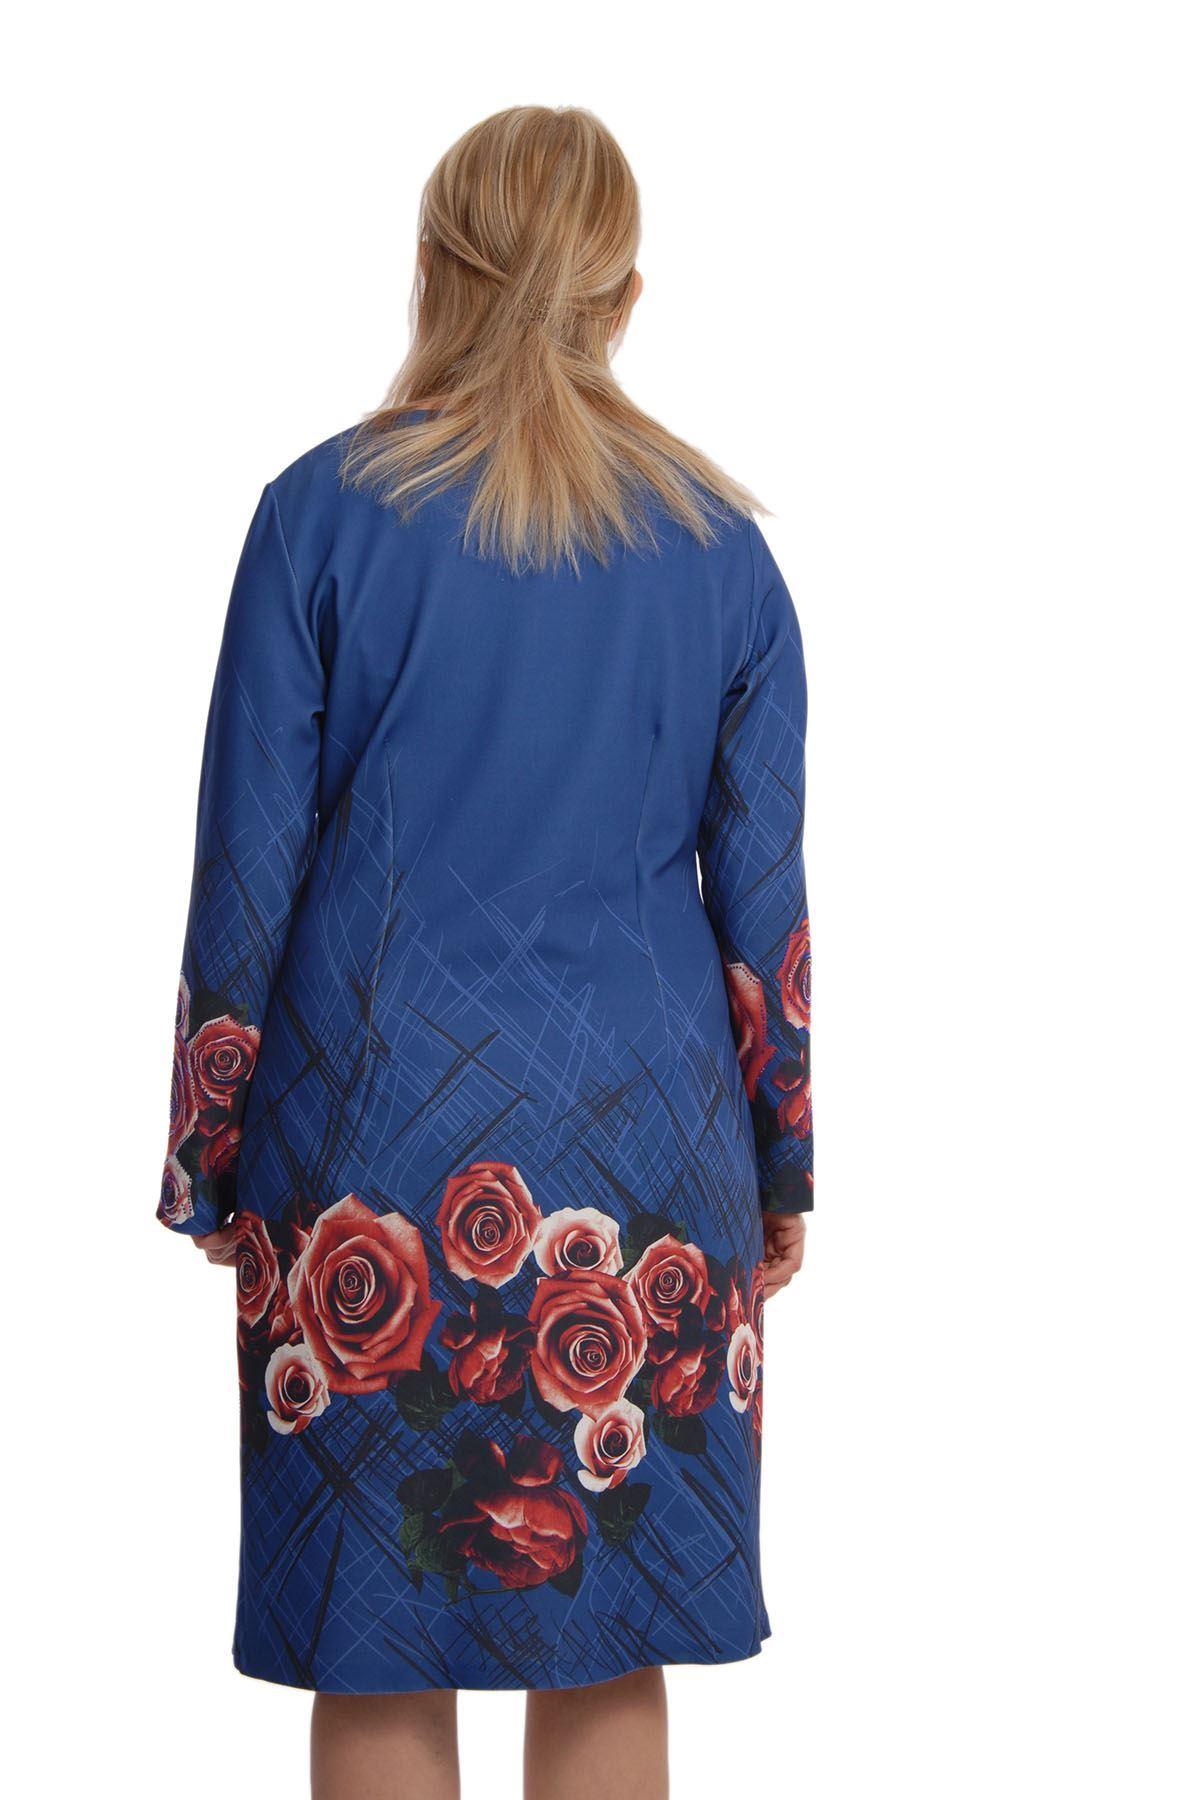 Mavi Güllü Elbise G3-65789